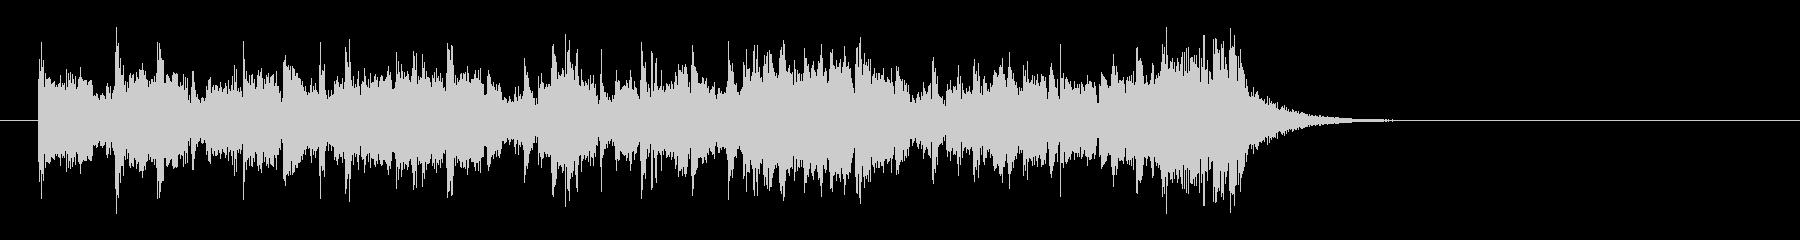 夜のピアノフュージョン(イントロ)の未再生の波形